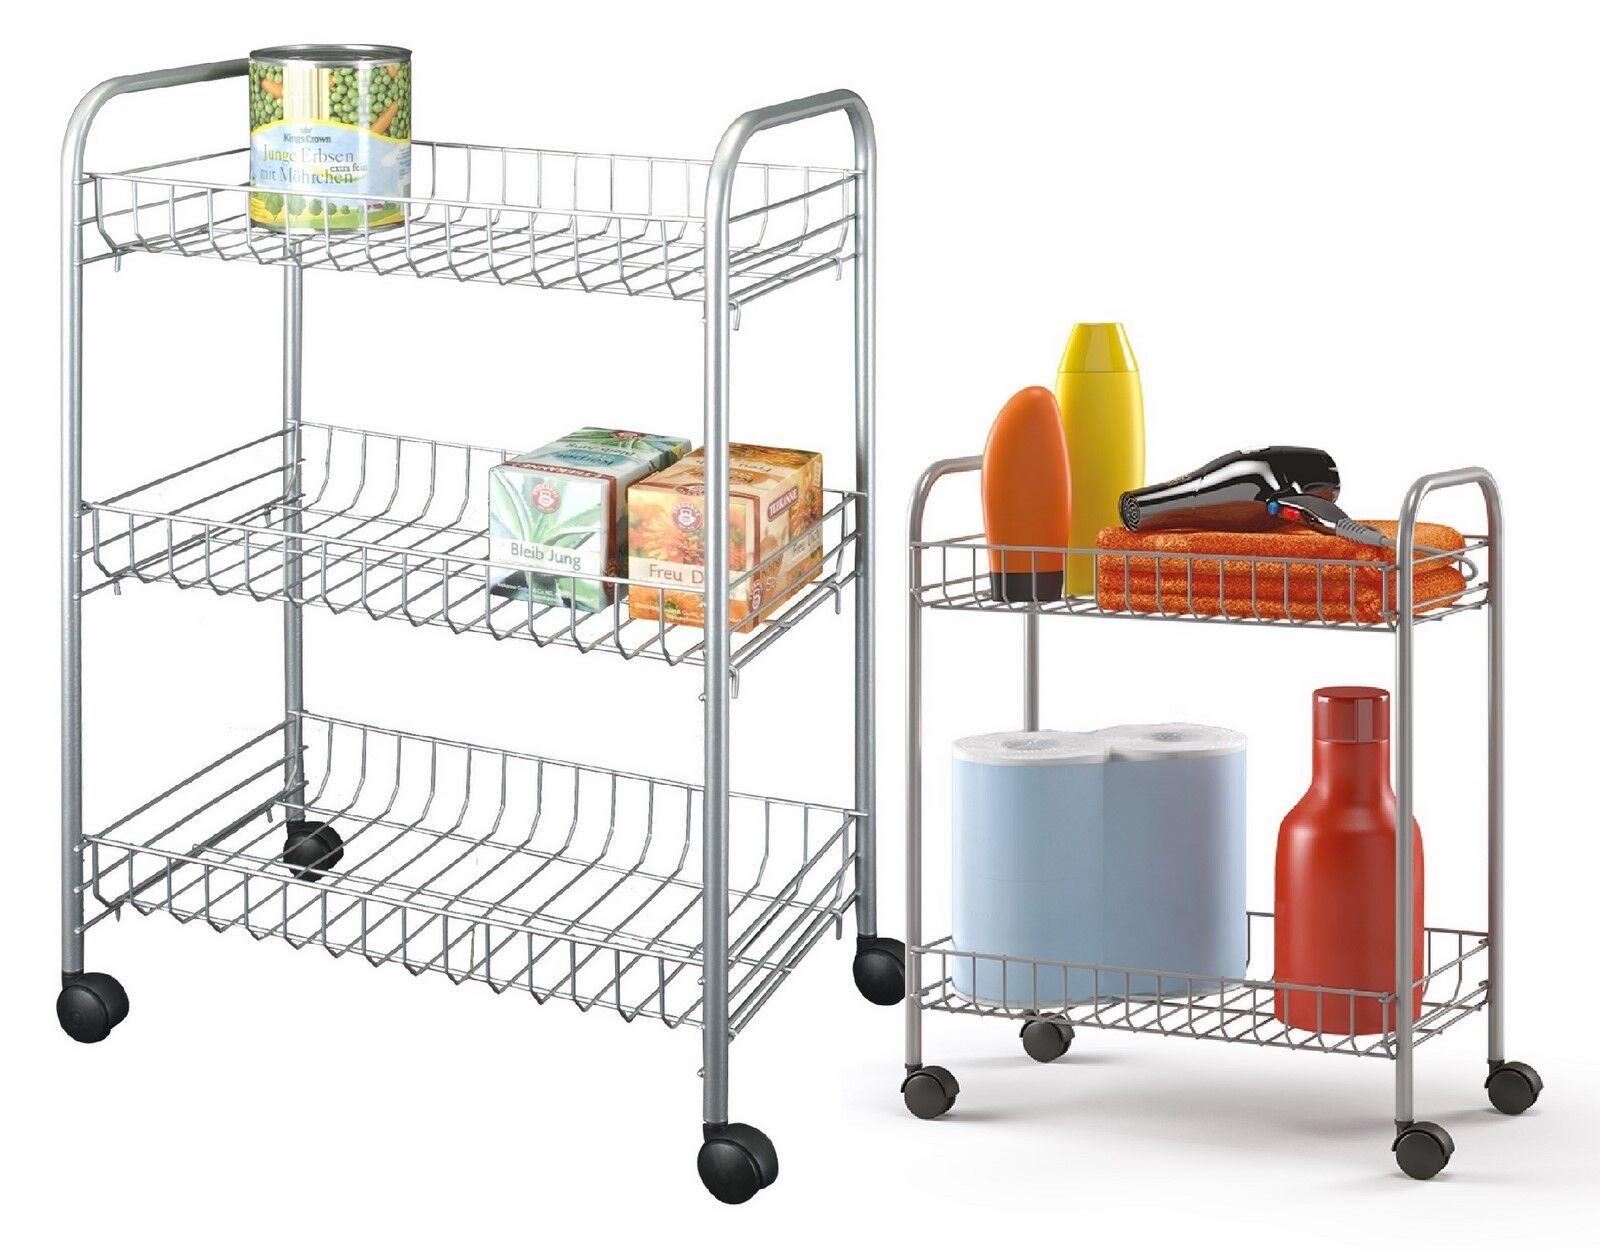 Küchenwagen  Küchenregal Küchenrollwagen Allzweckwagen 2.3 or 4 Etagen Grau